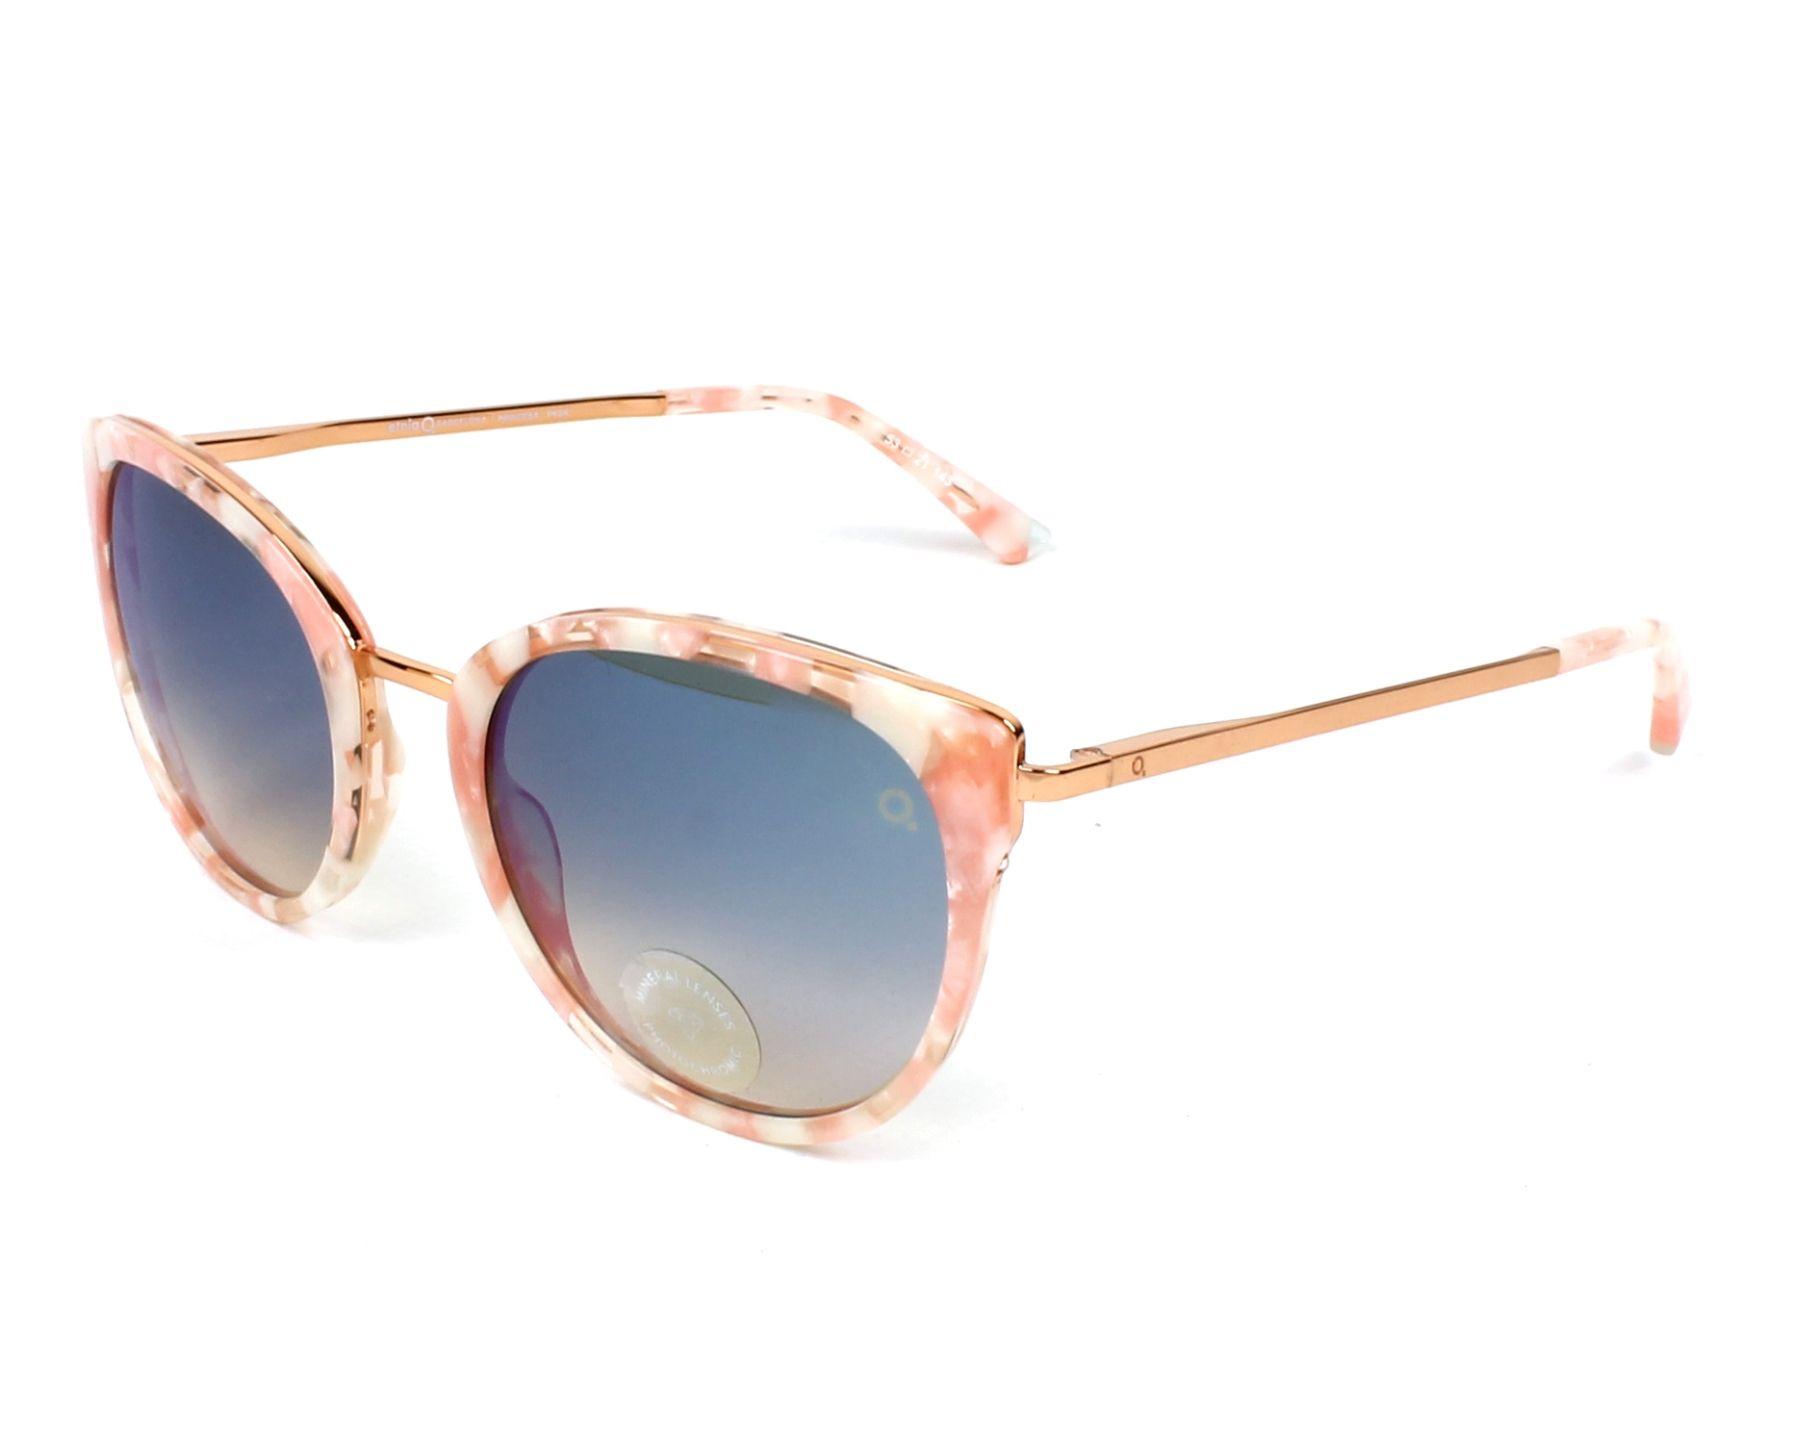 4c981e8bb1 Gafas de sol Etnia Barcelona princesa PKSK - Rosa Oro cobre vista de perfil